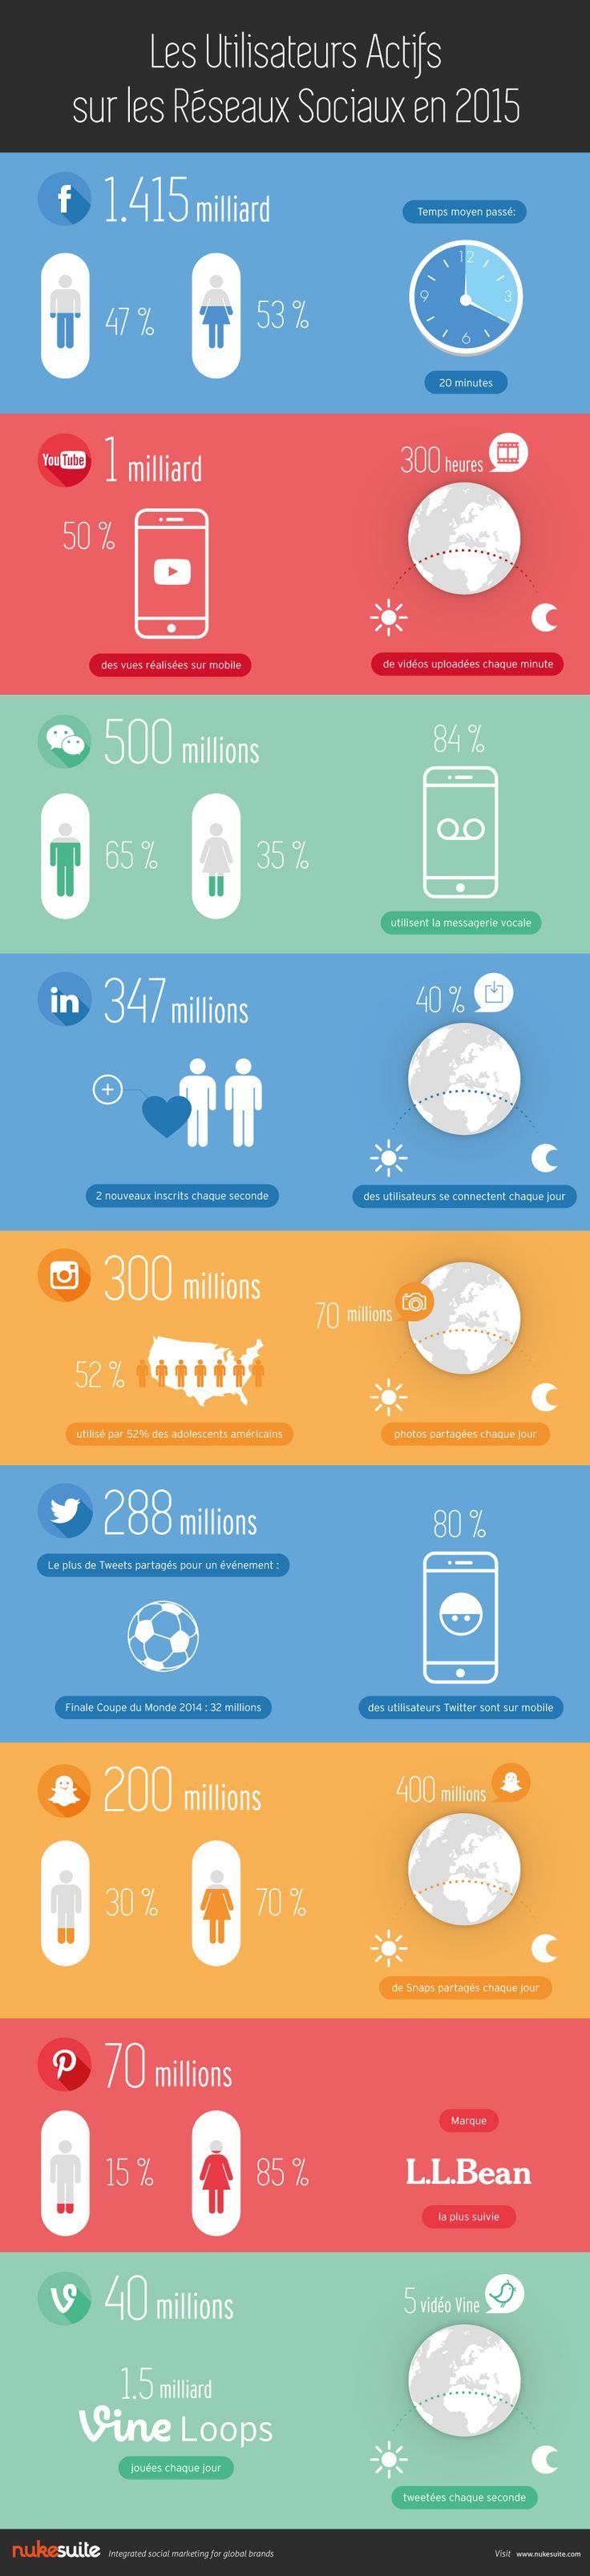 Les utilisateurs actifs des réseaux sociaux en 2015 [infographie]